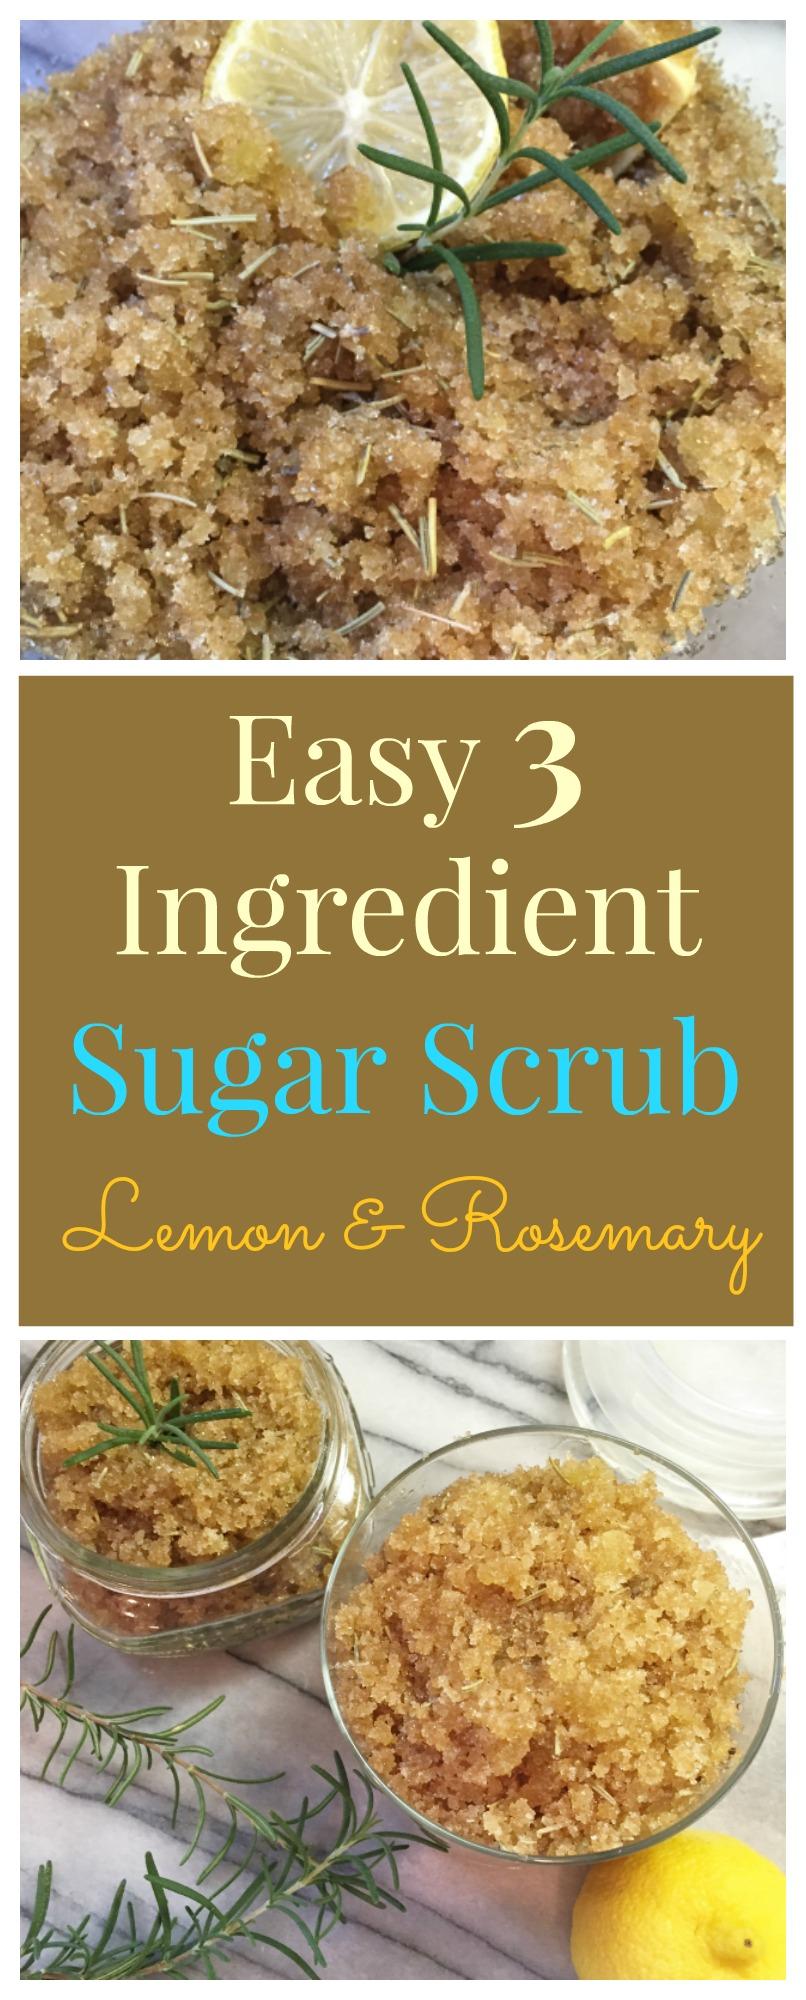 Lemon & Rosemary Sugar Scrub